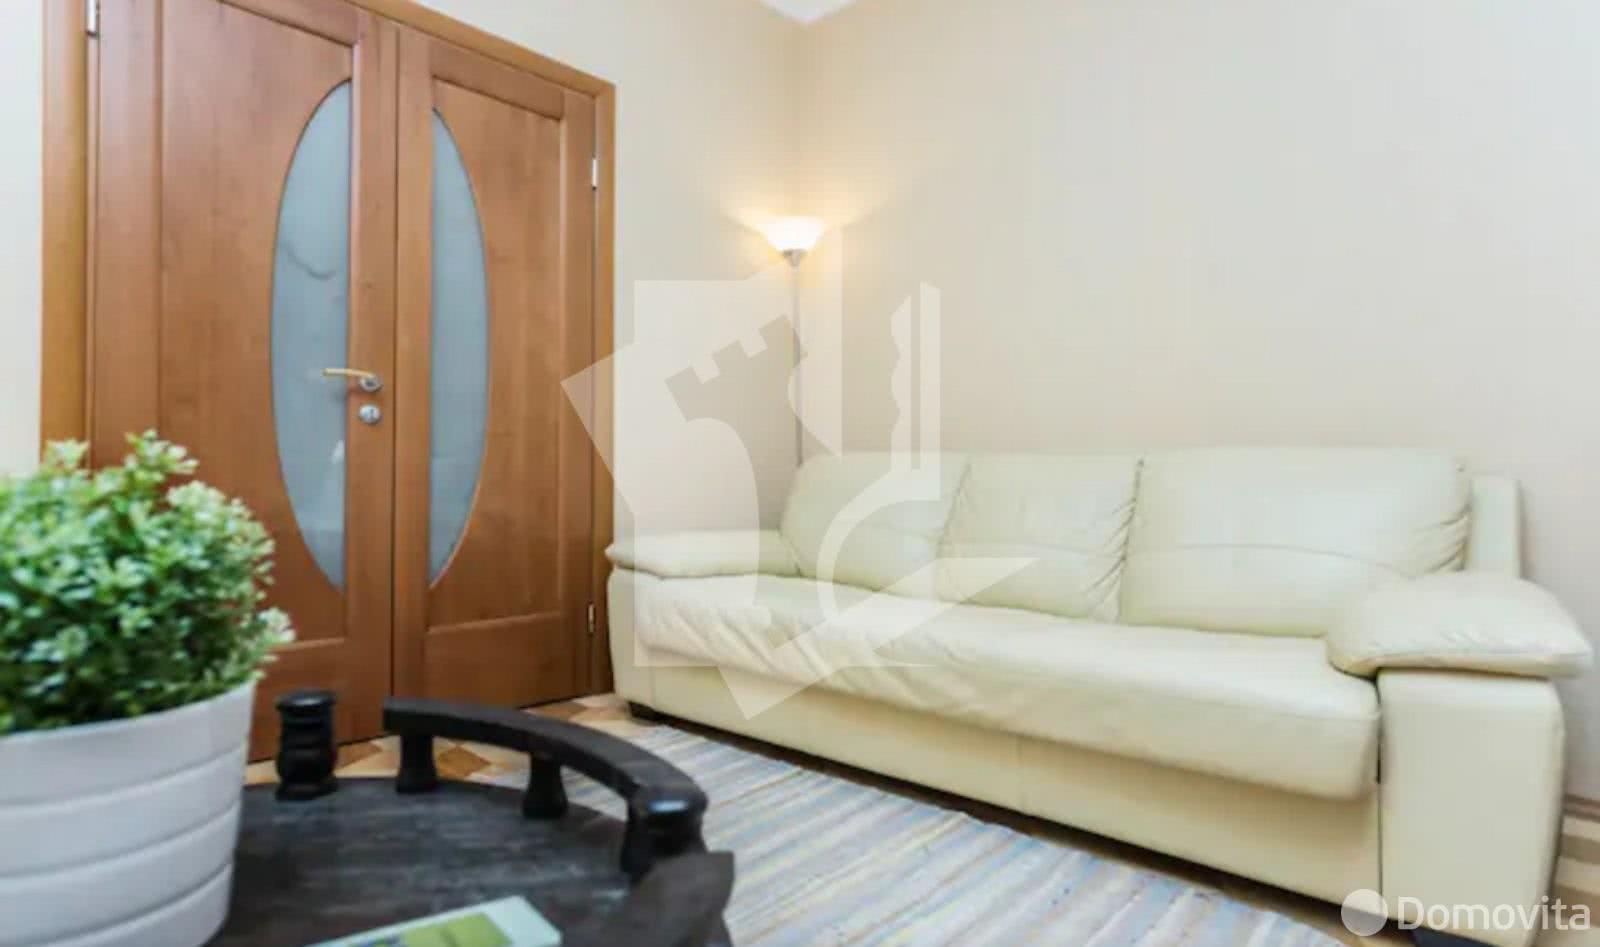 Аренда 1-комнатной квартиры в Минске, ул. Ленина, д. 3 - фото 2